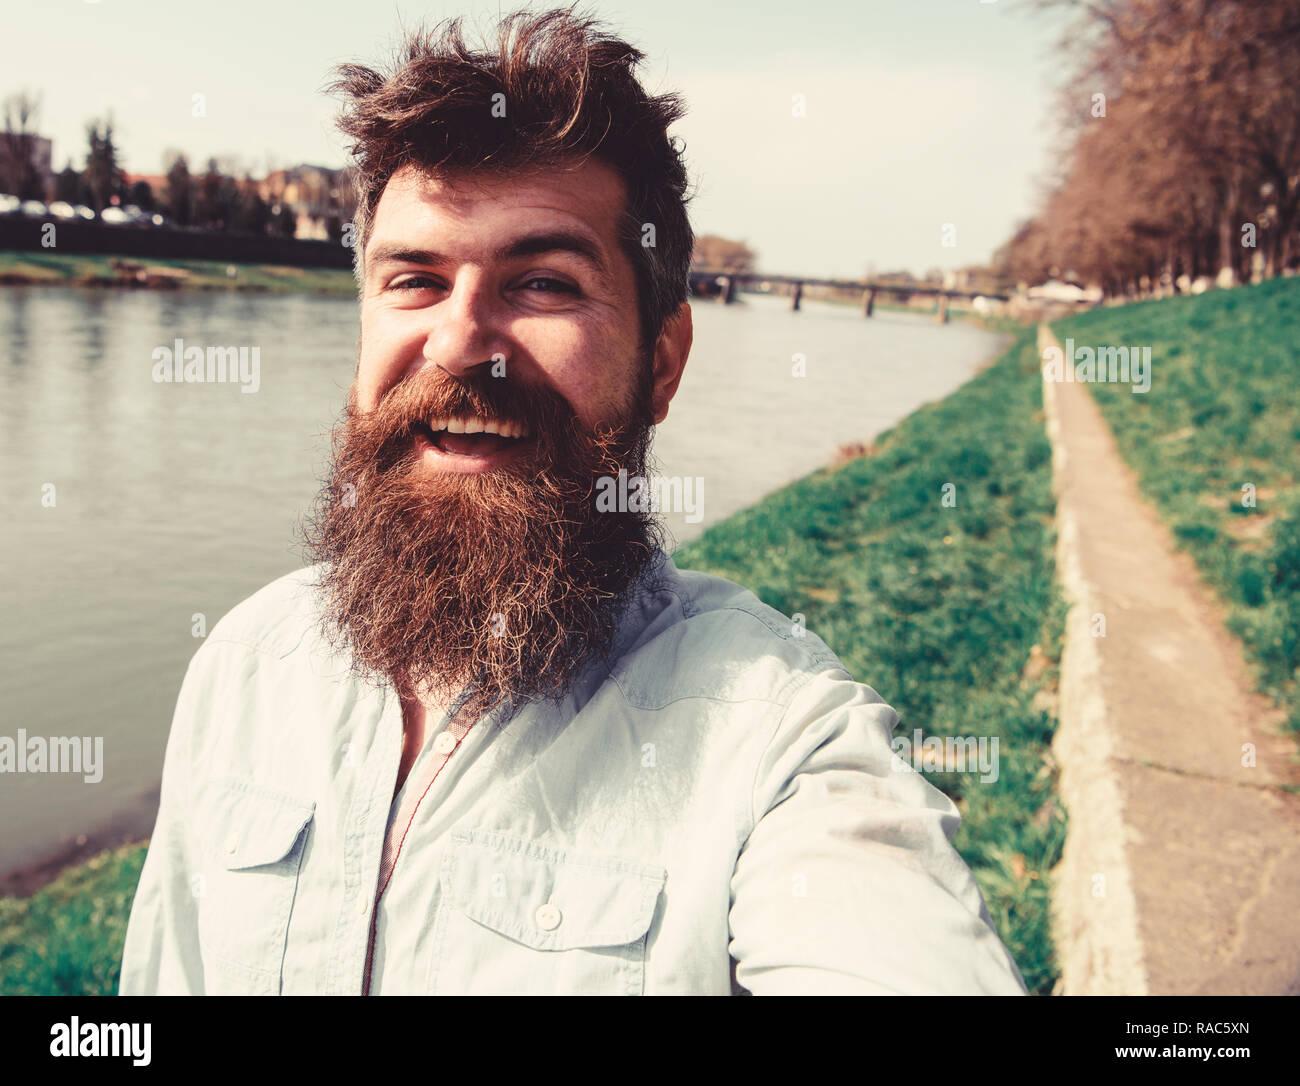 L'homme, barbe et moustache avec touristiques sur joyeuse, visage souriant, riverside arrière-plan. Photo selfies concept. Hipster, cheveux ébouriffés et touristiques avec longue barbe looking at camera, photo. selfies Banque D'Images